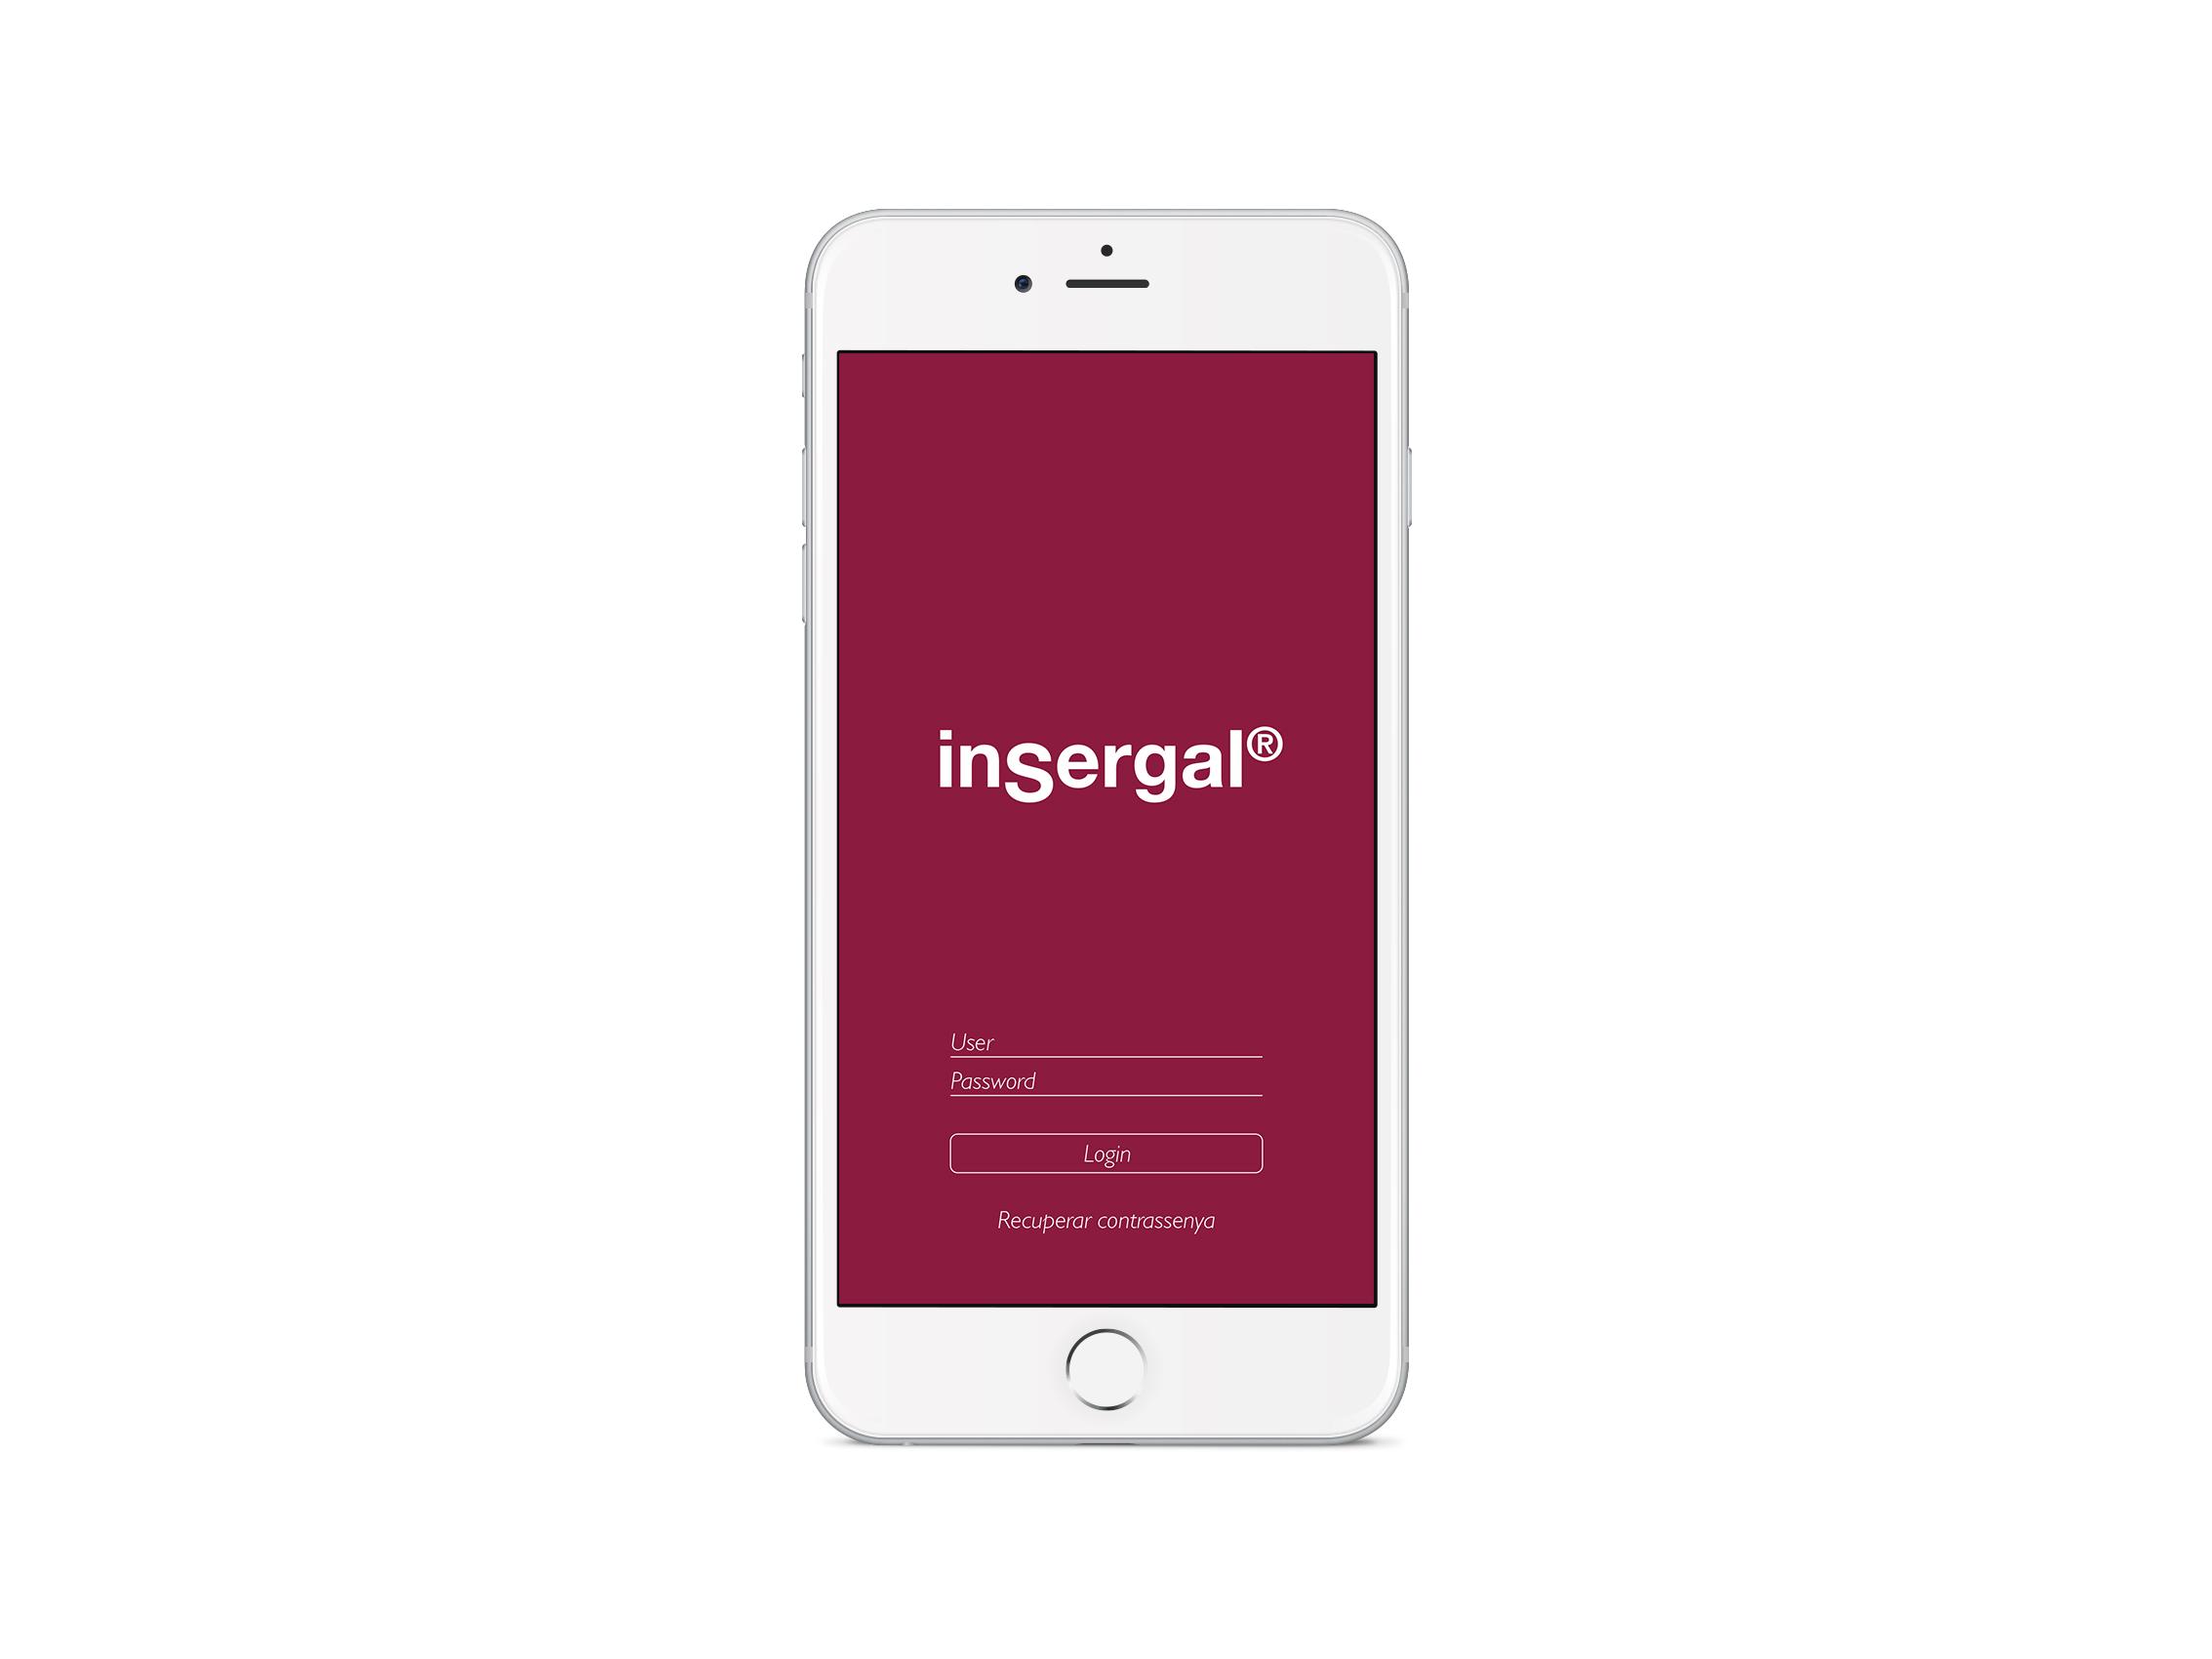 Sergal_Insergal_App_01